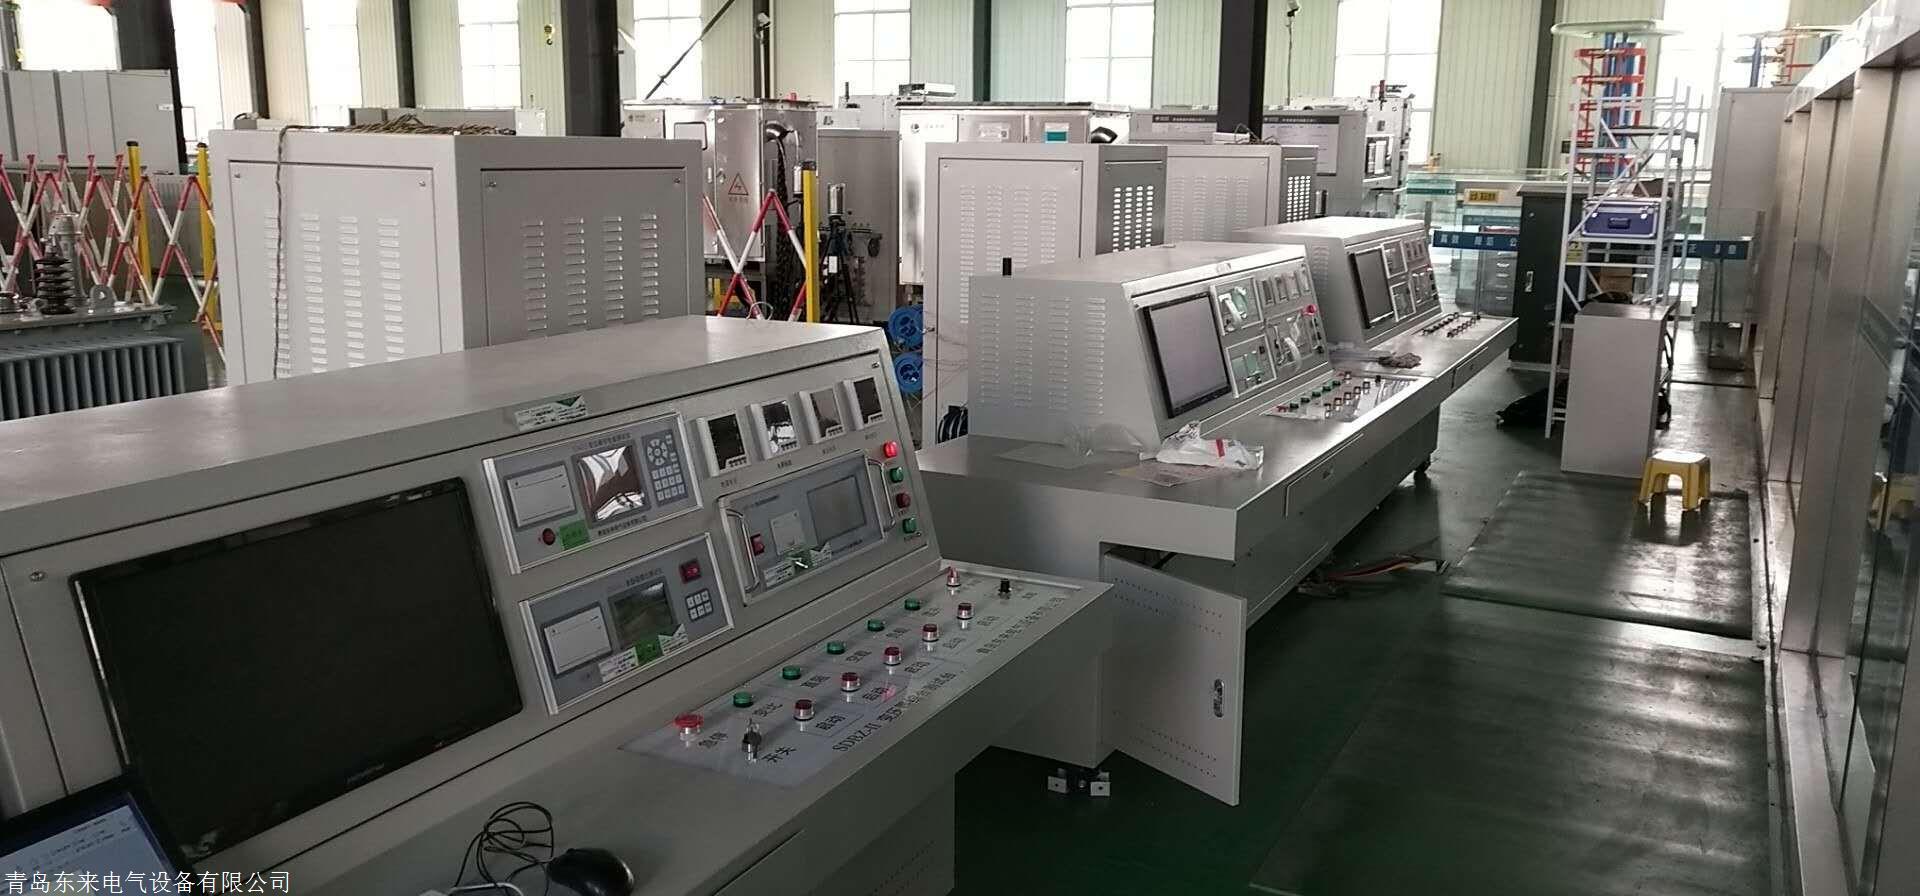 温升实验装置定制 温升实验系统 温升电流发生器